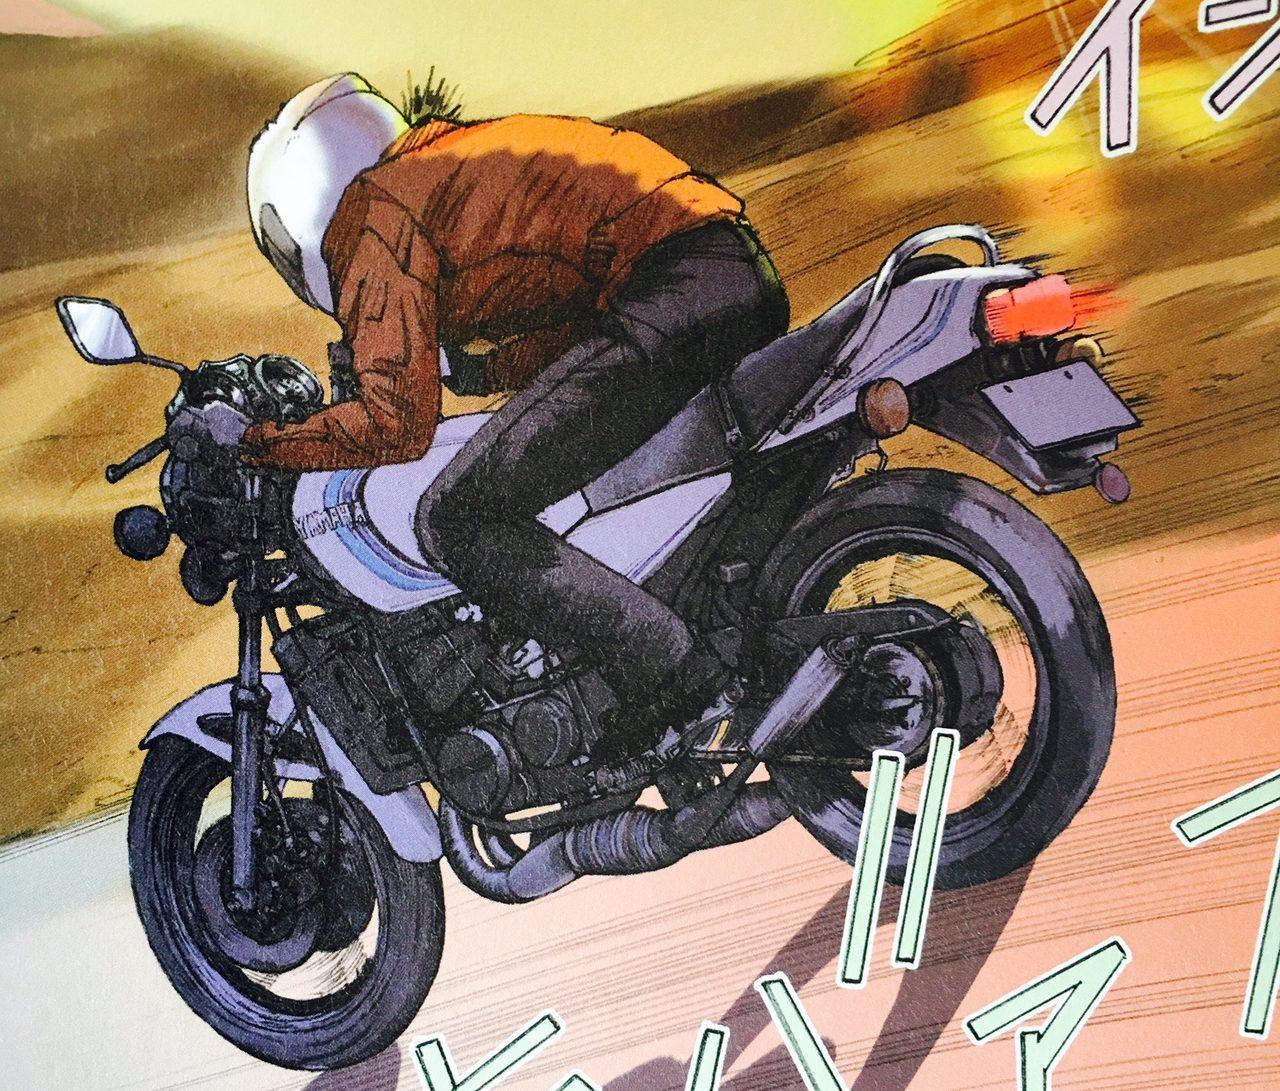 画像: 止まっていた時間。再び動かしたのはRZ350の極上の加速。〜『東本昌平 RIDE 33 Purchase it』より - LAWRENCE(ロレンス) - Motorcycle x Cars + α = Your Life.